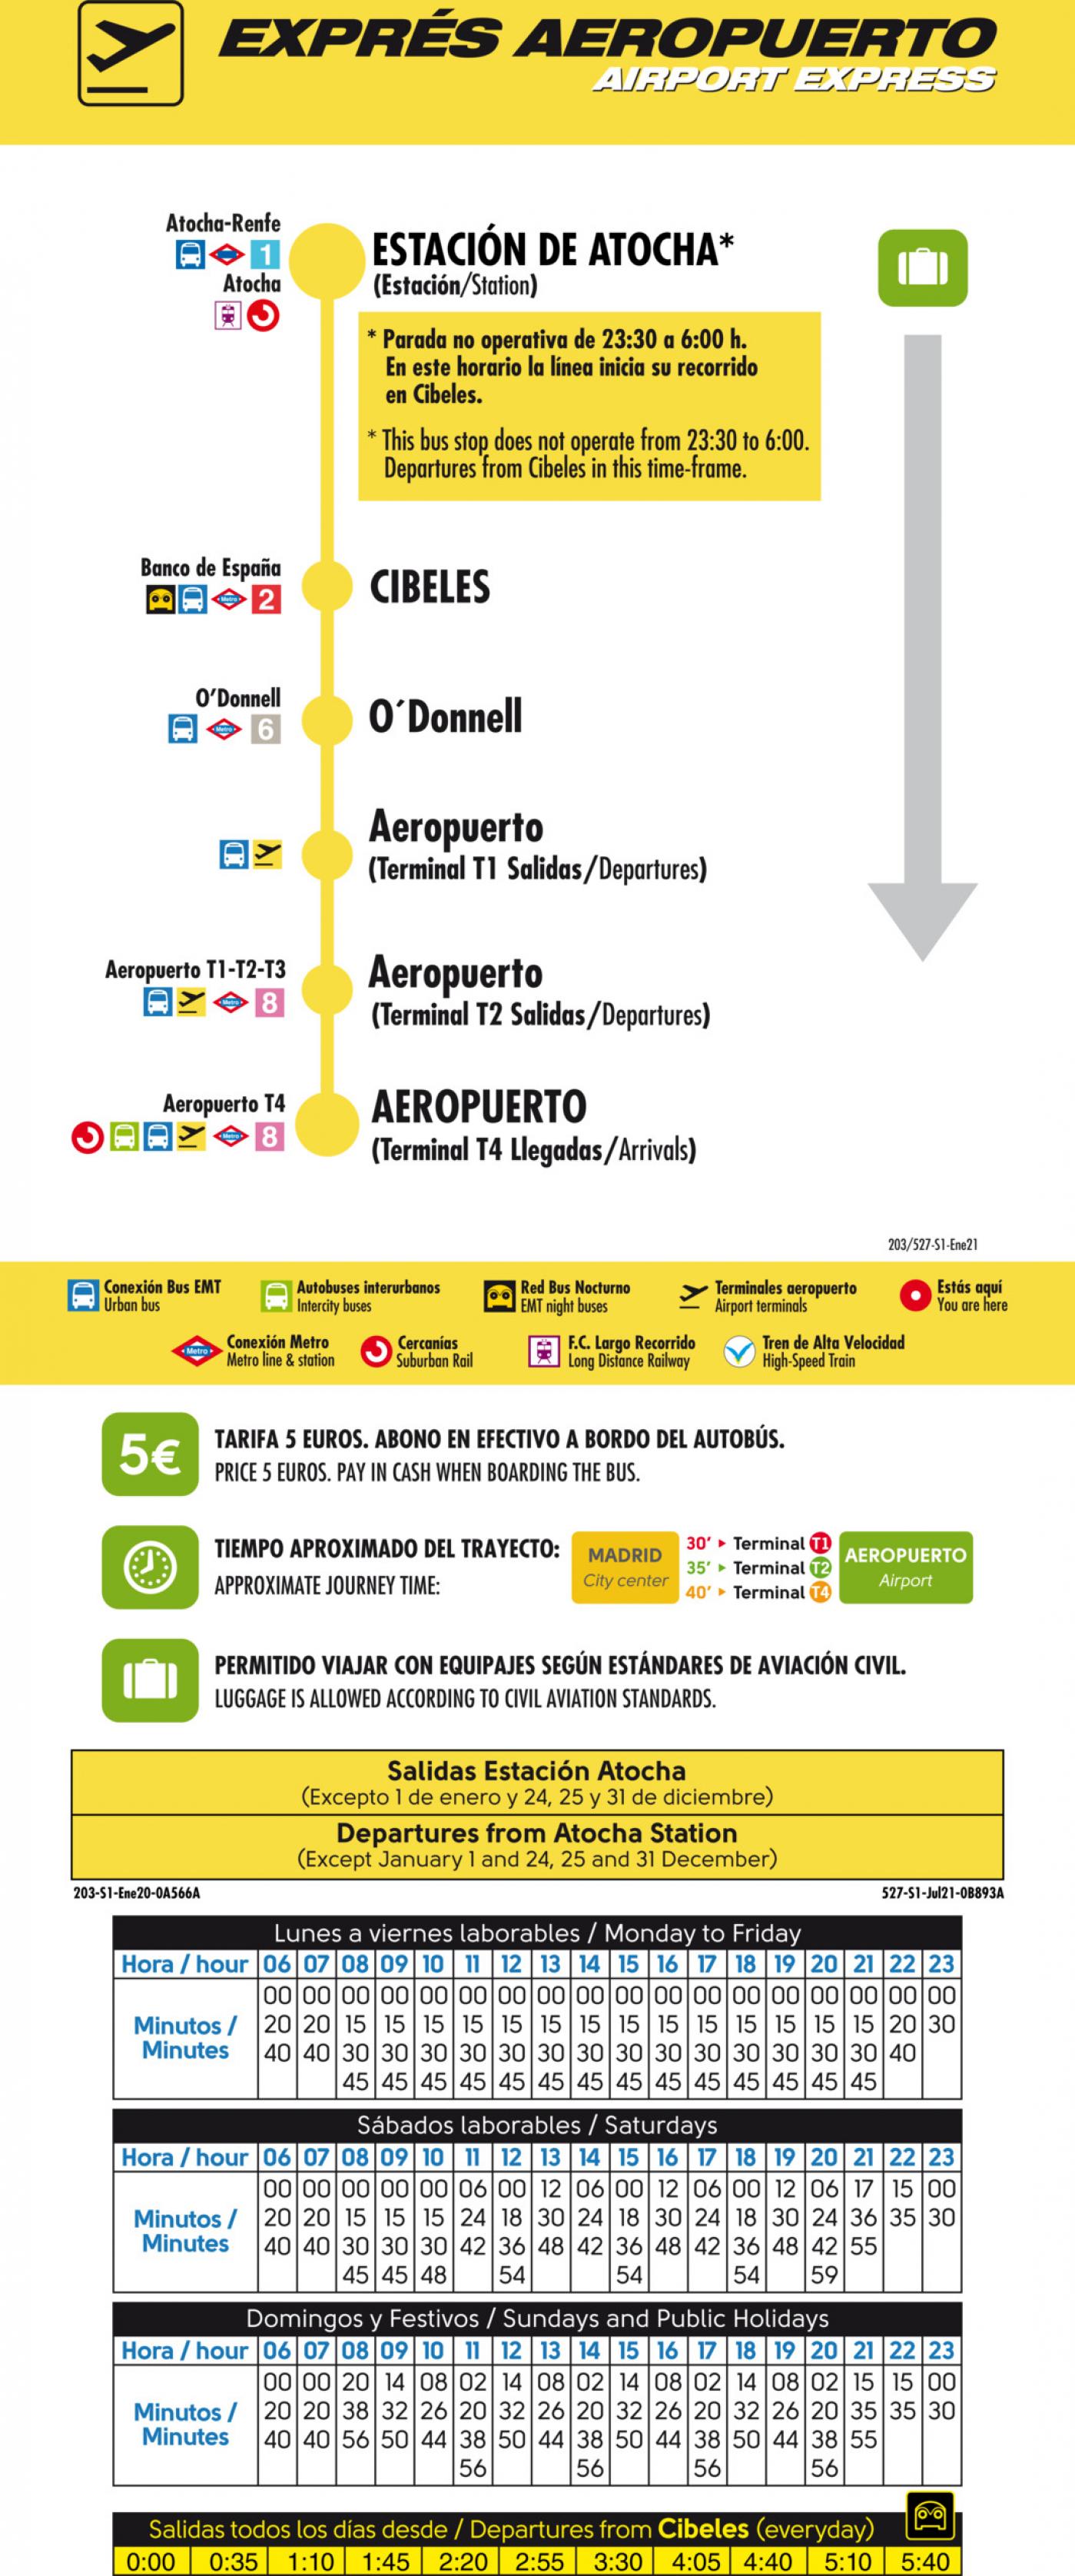 Tabla de horarios y frecuencias de paso en sentido ida Línea N27: Exprés Aeropuerto Barajas (búho)